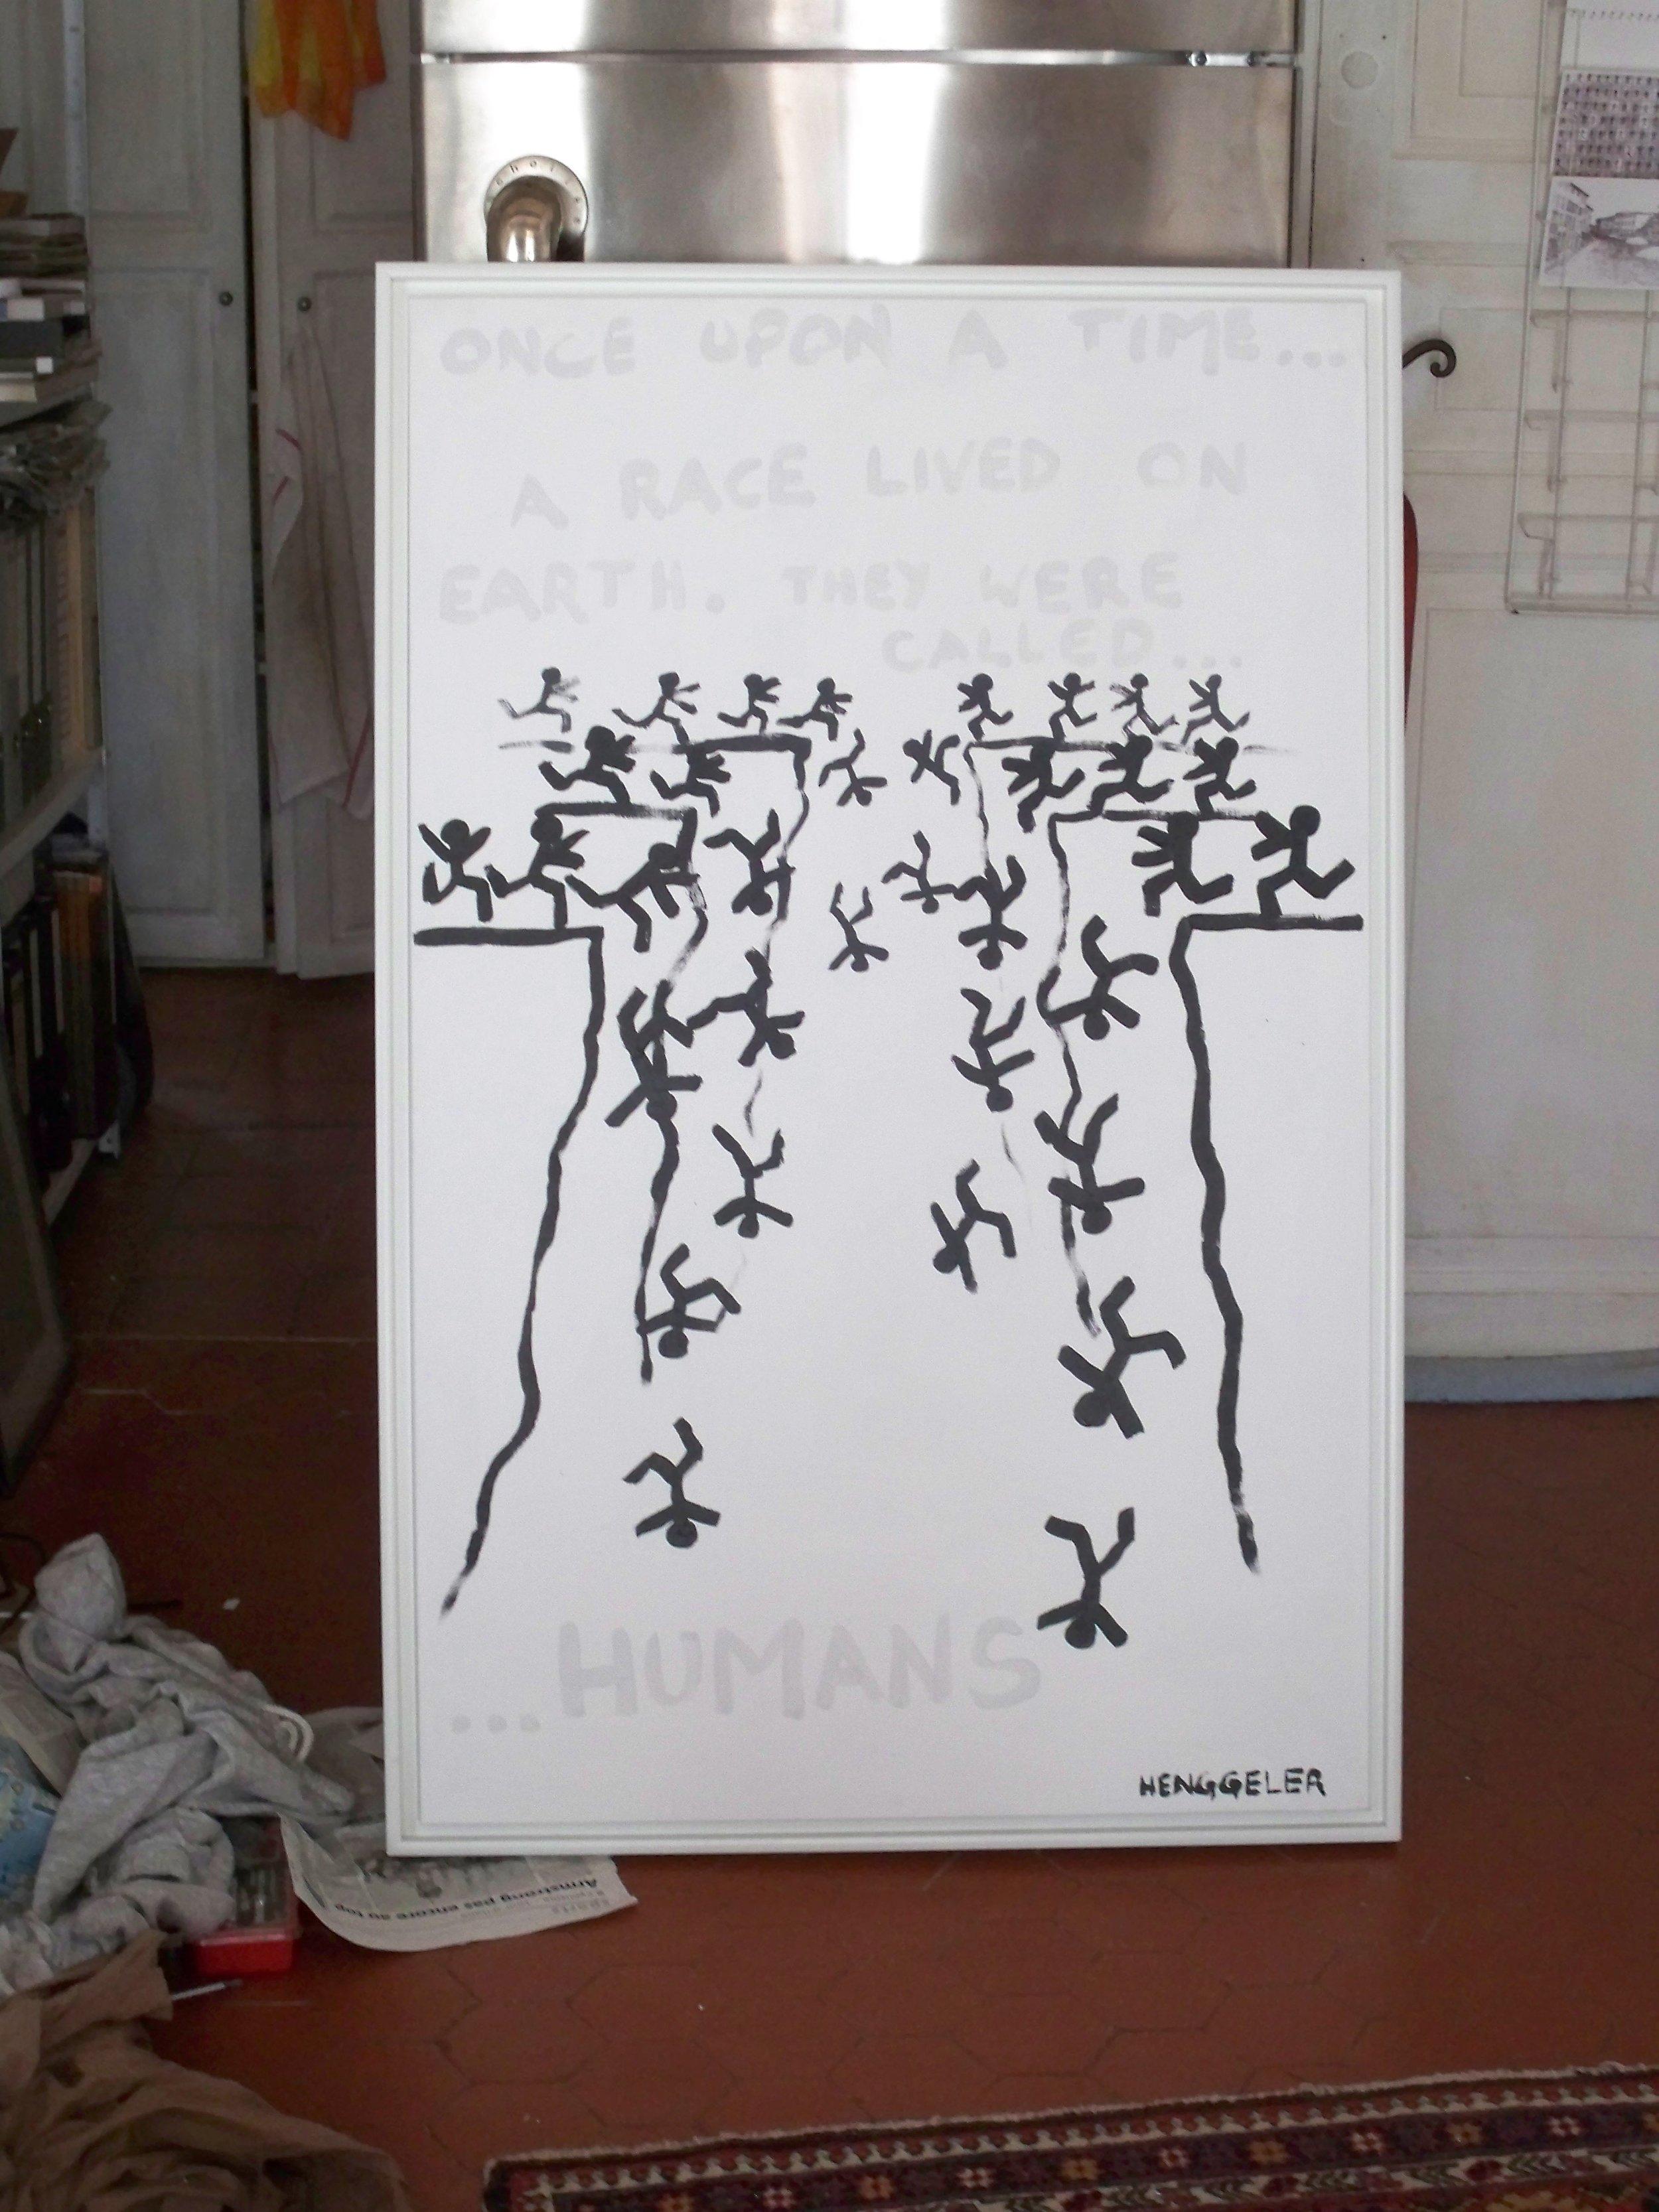 ONCE UPON A TIME ... (il y etait une fois …)  acrylique sur toile, 73x116cm  2'400 euros